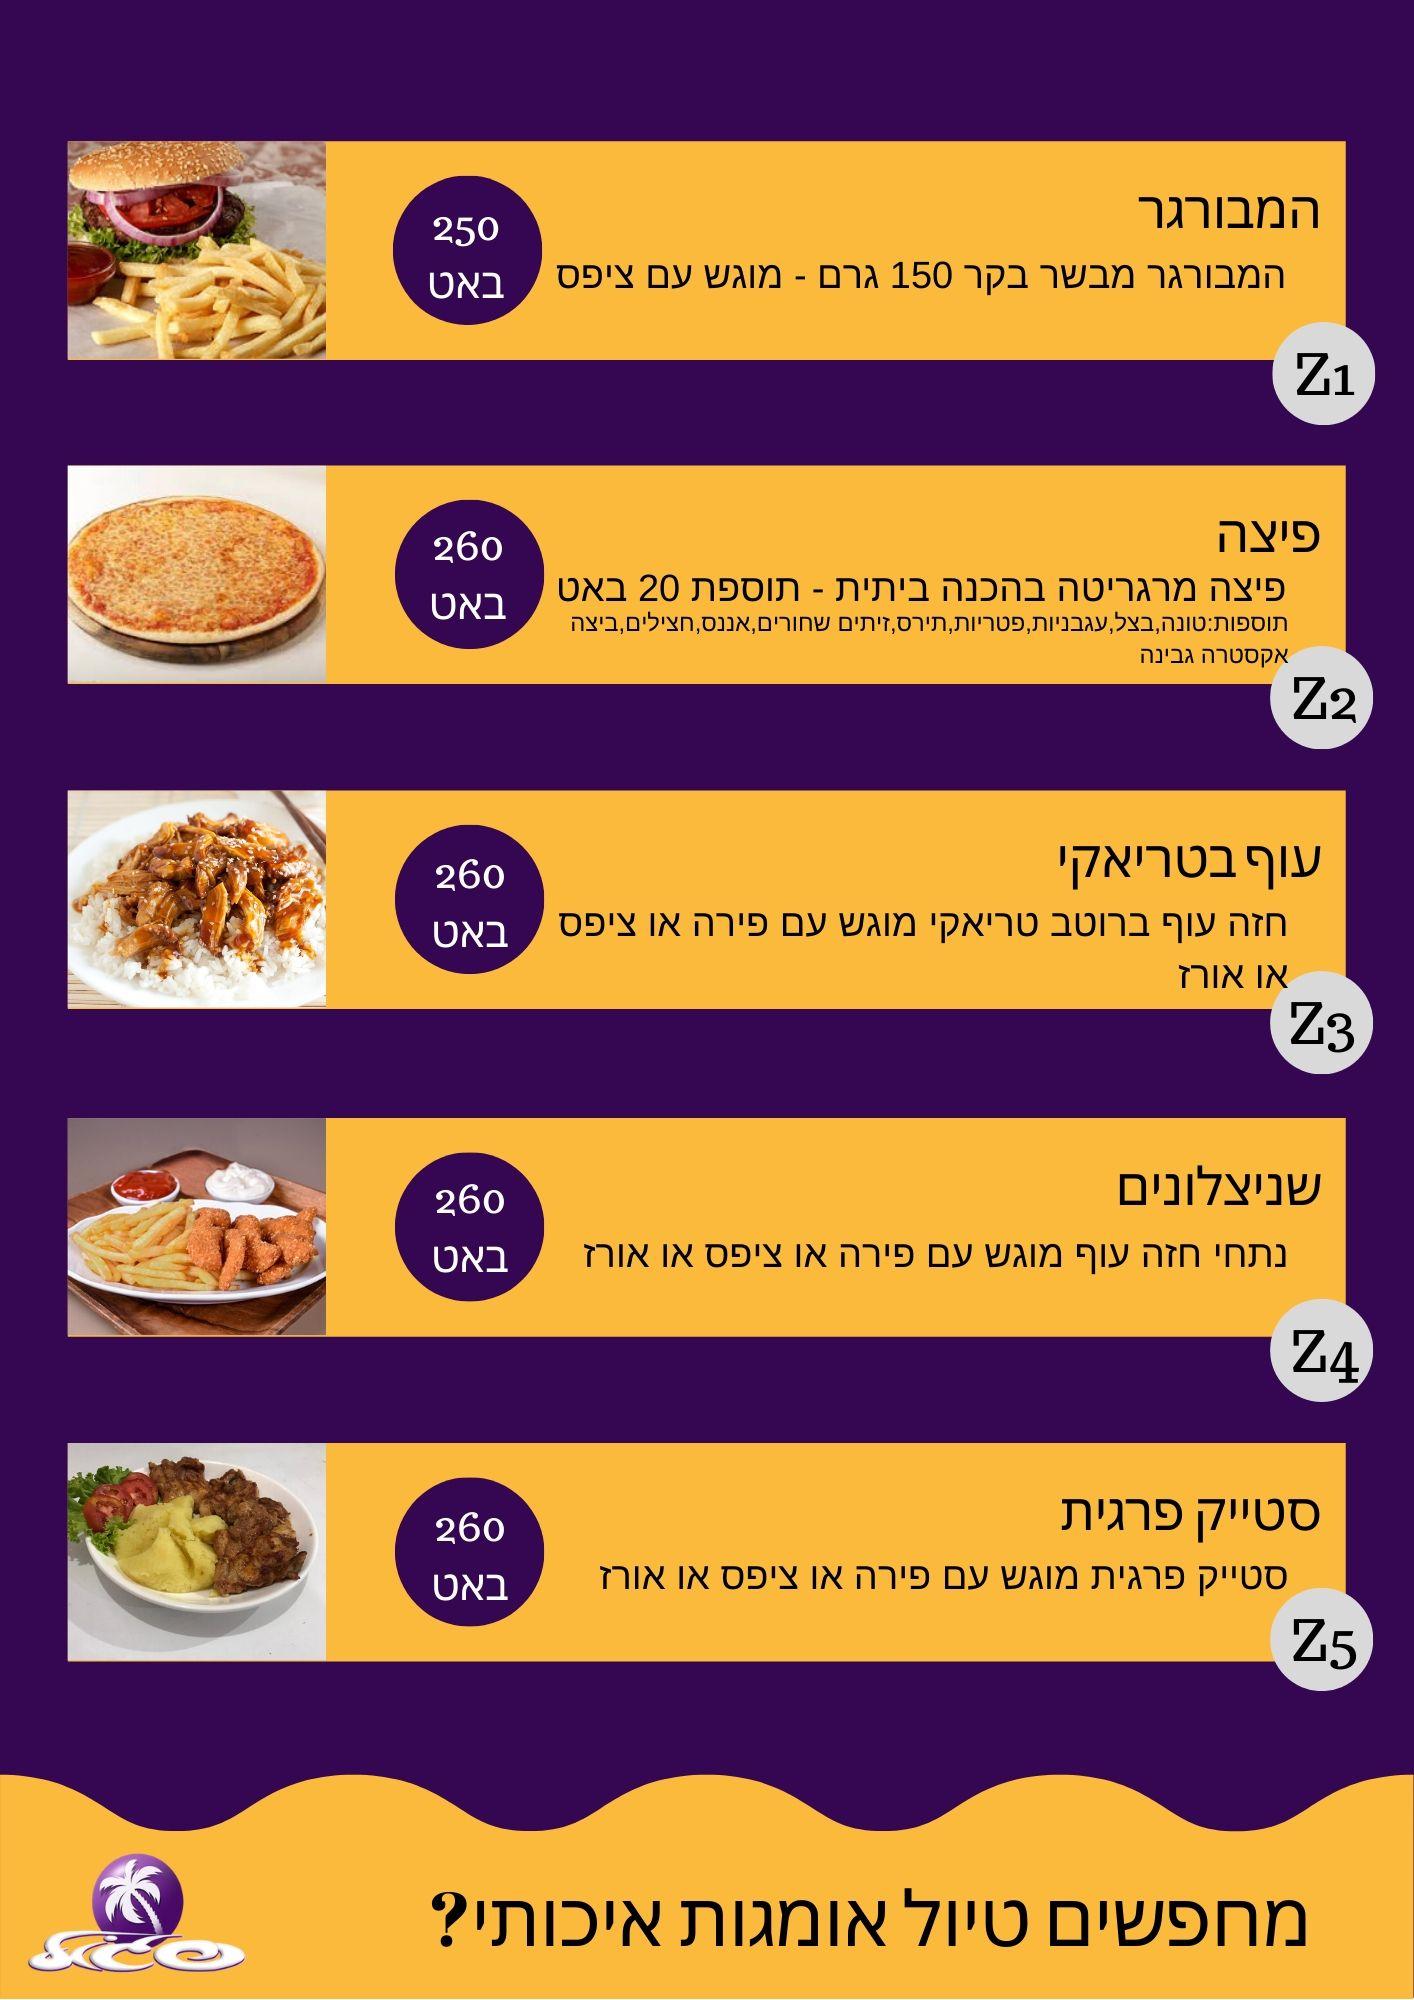 מסעדה ישראלית בתאילנד - מנות עיקריות